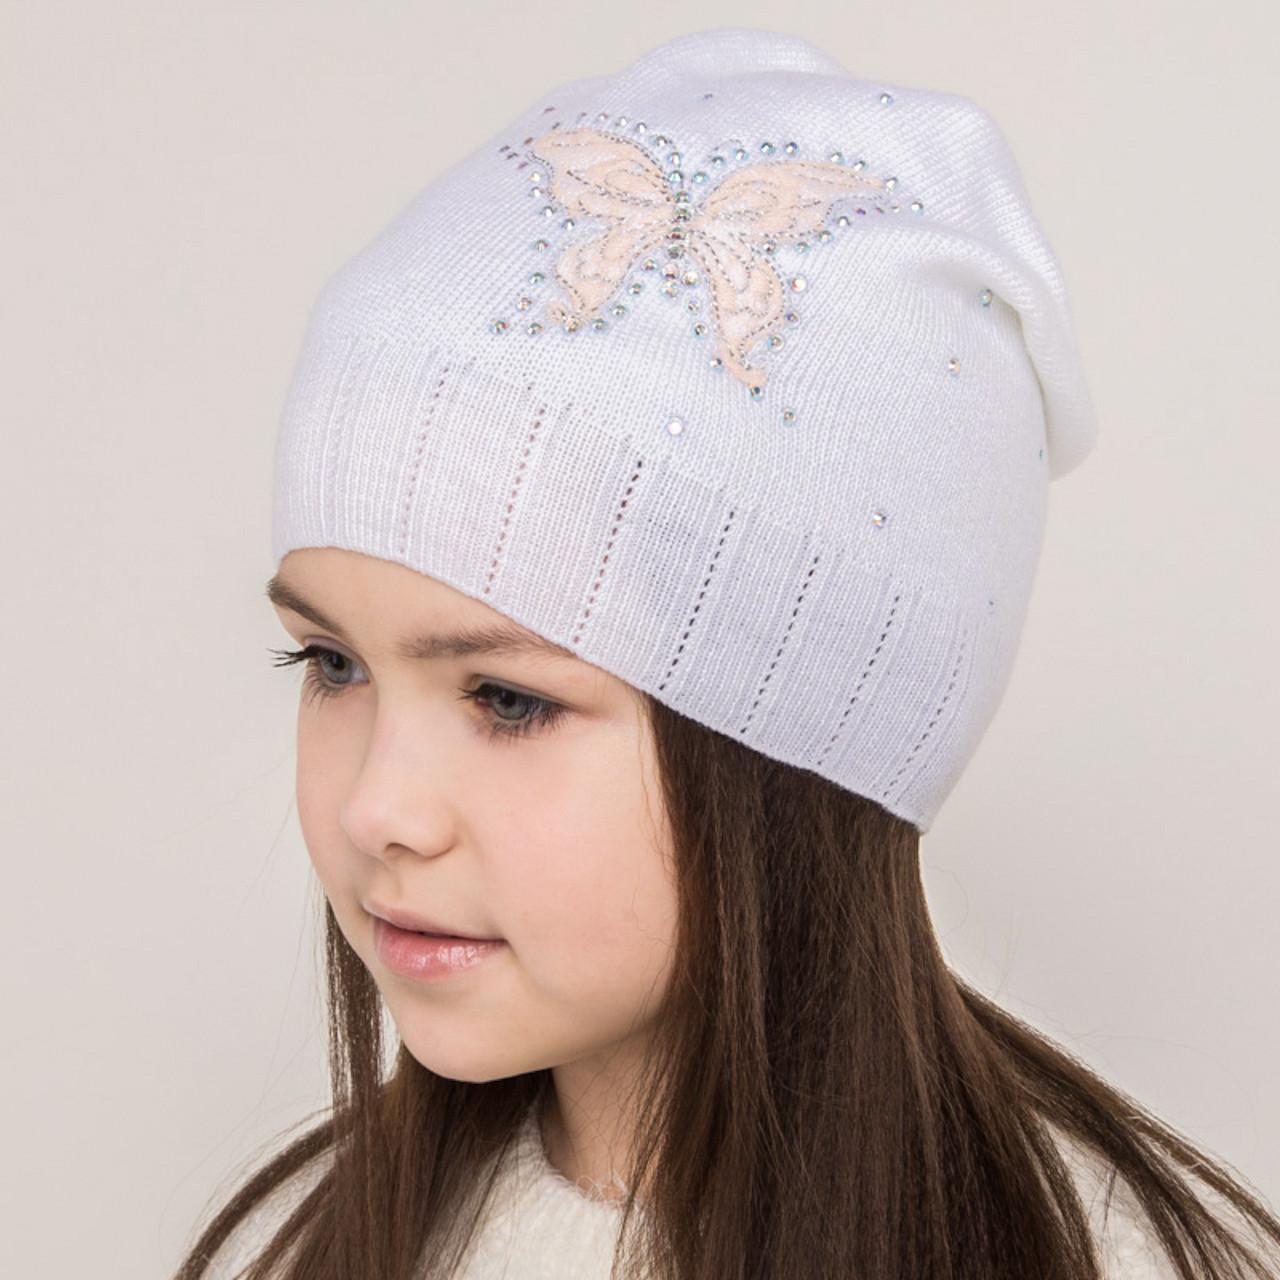 Весенняя шапка для девочек на весну-осень 2018 оптом - Бабочка - Артикул 2134